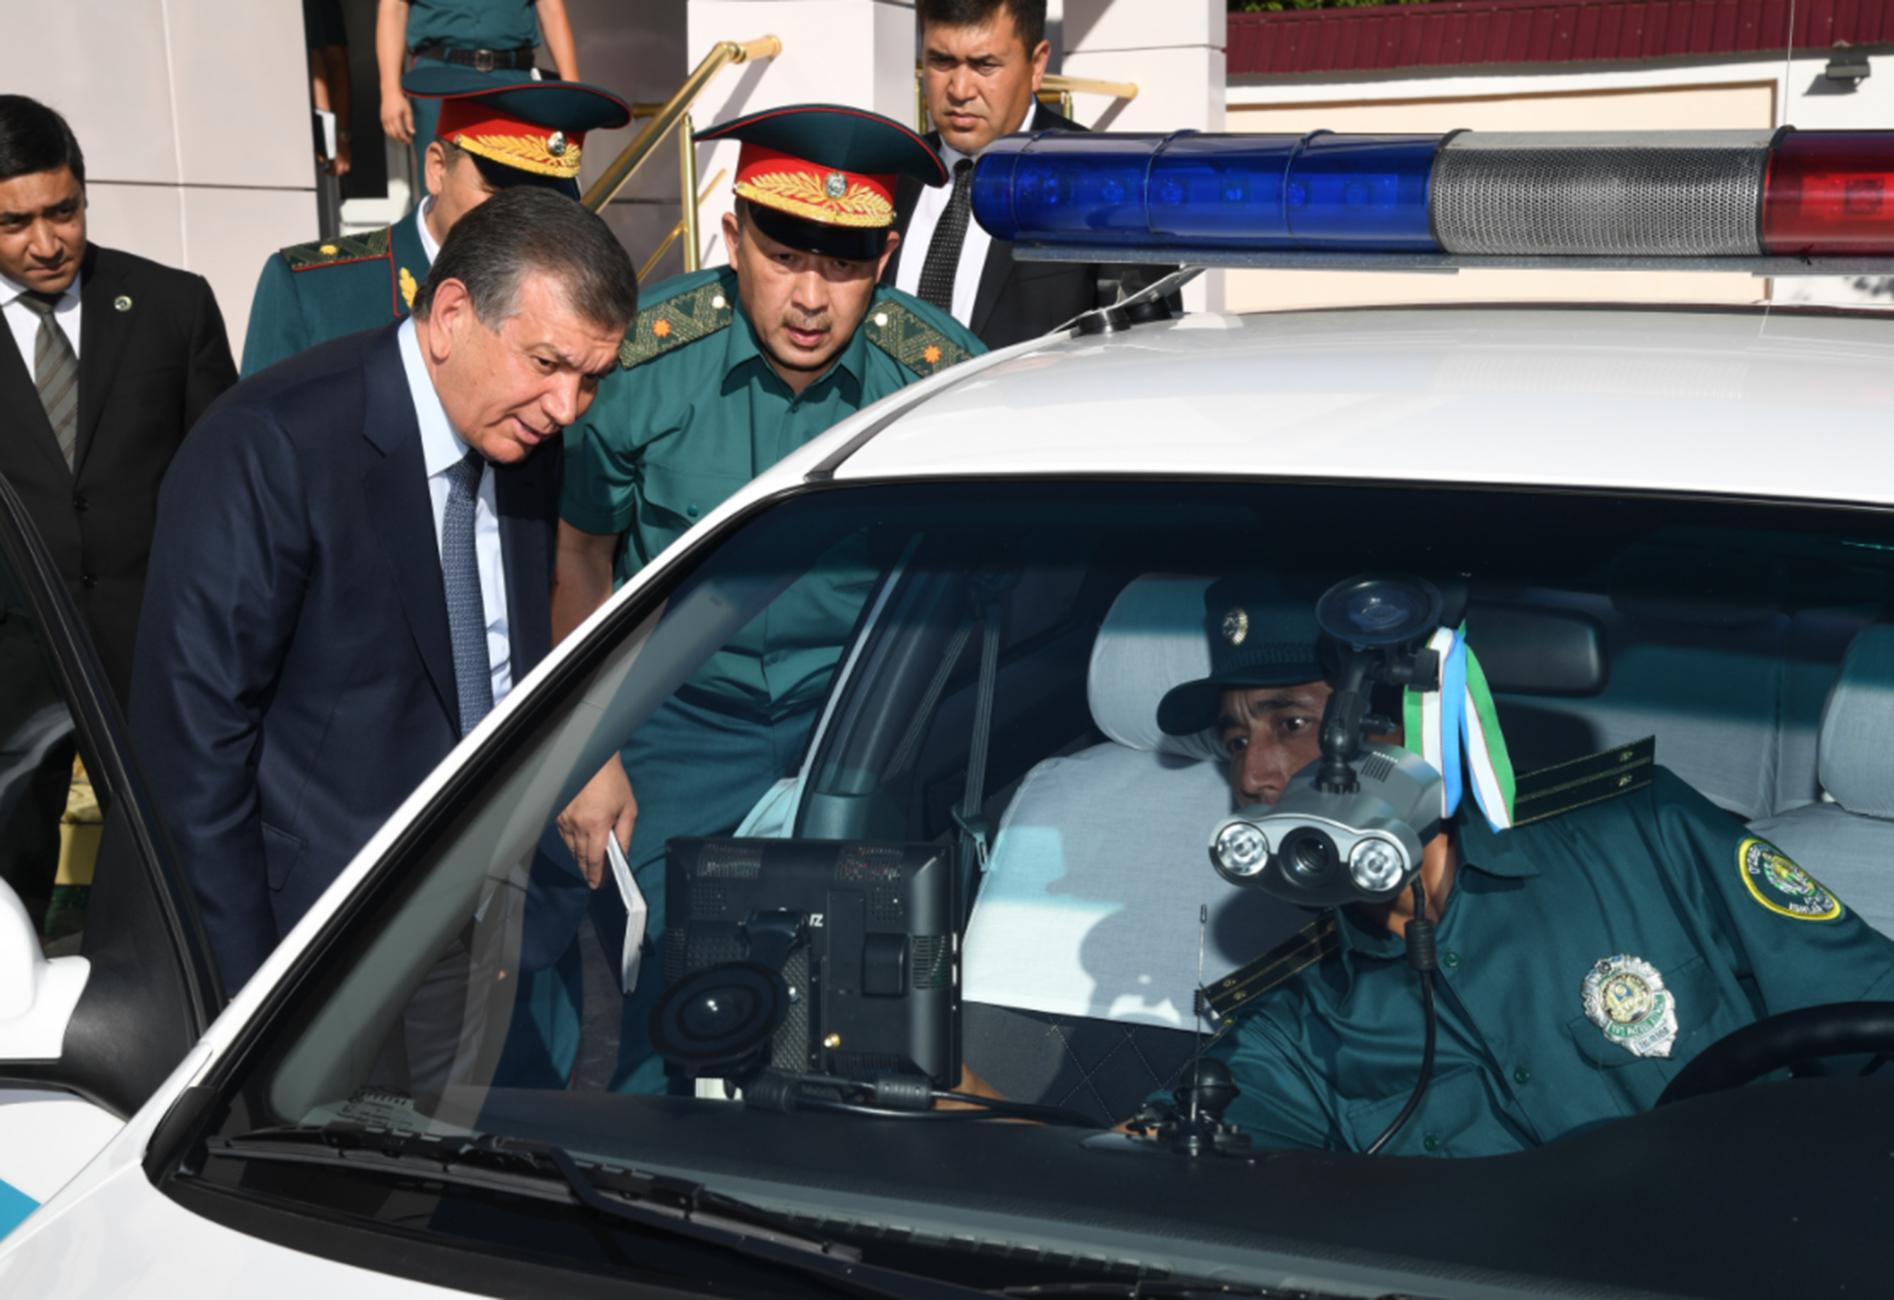 Проект «Безопасный Город» унифицирует информационные системы безопасности в Ташкенте